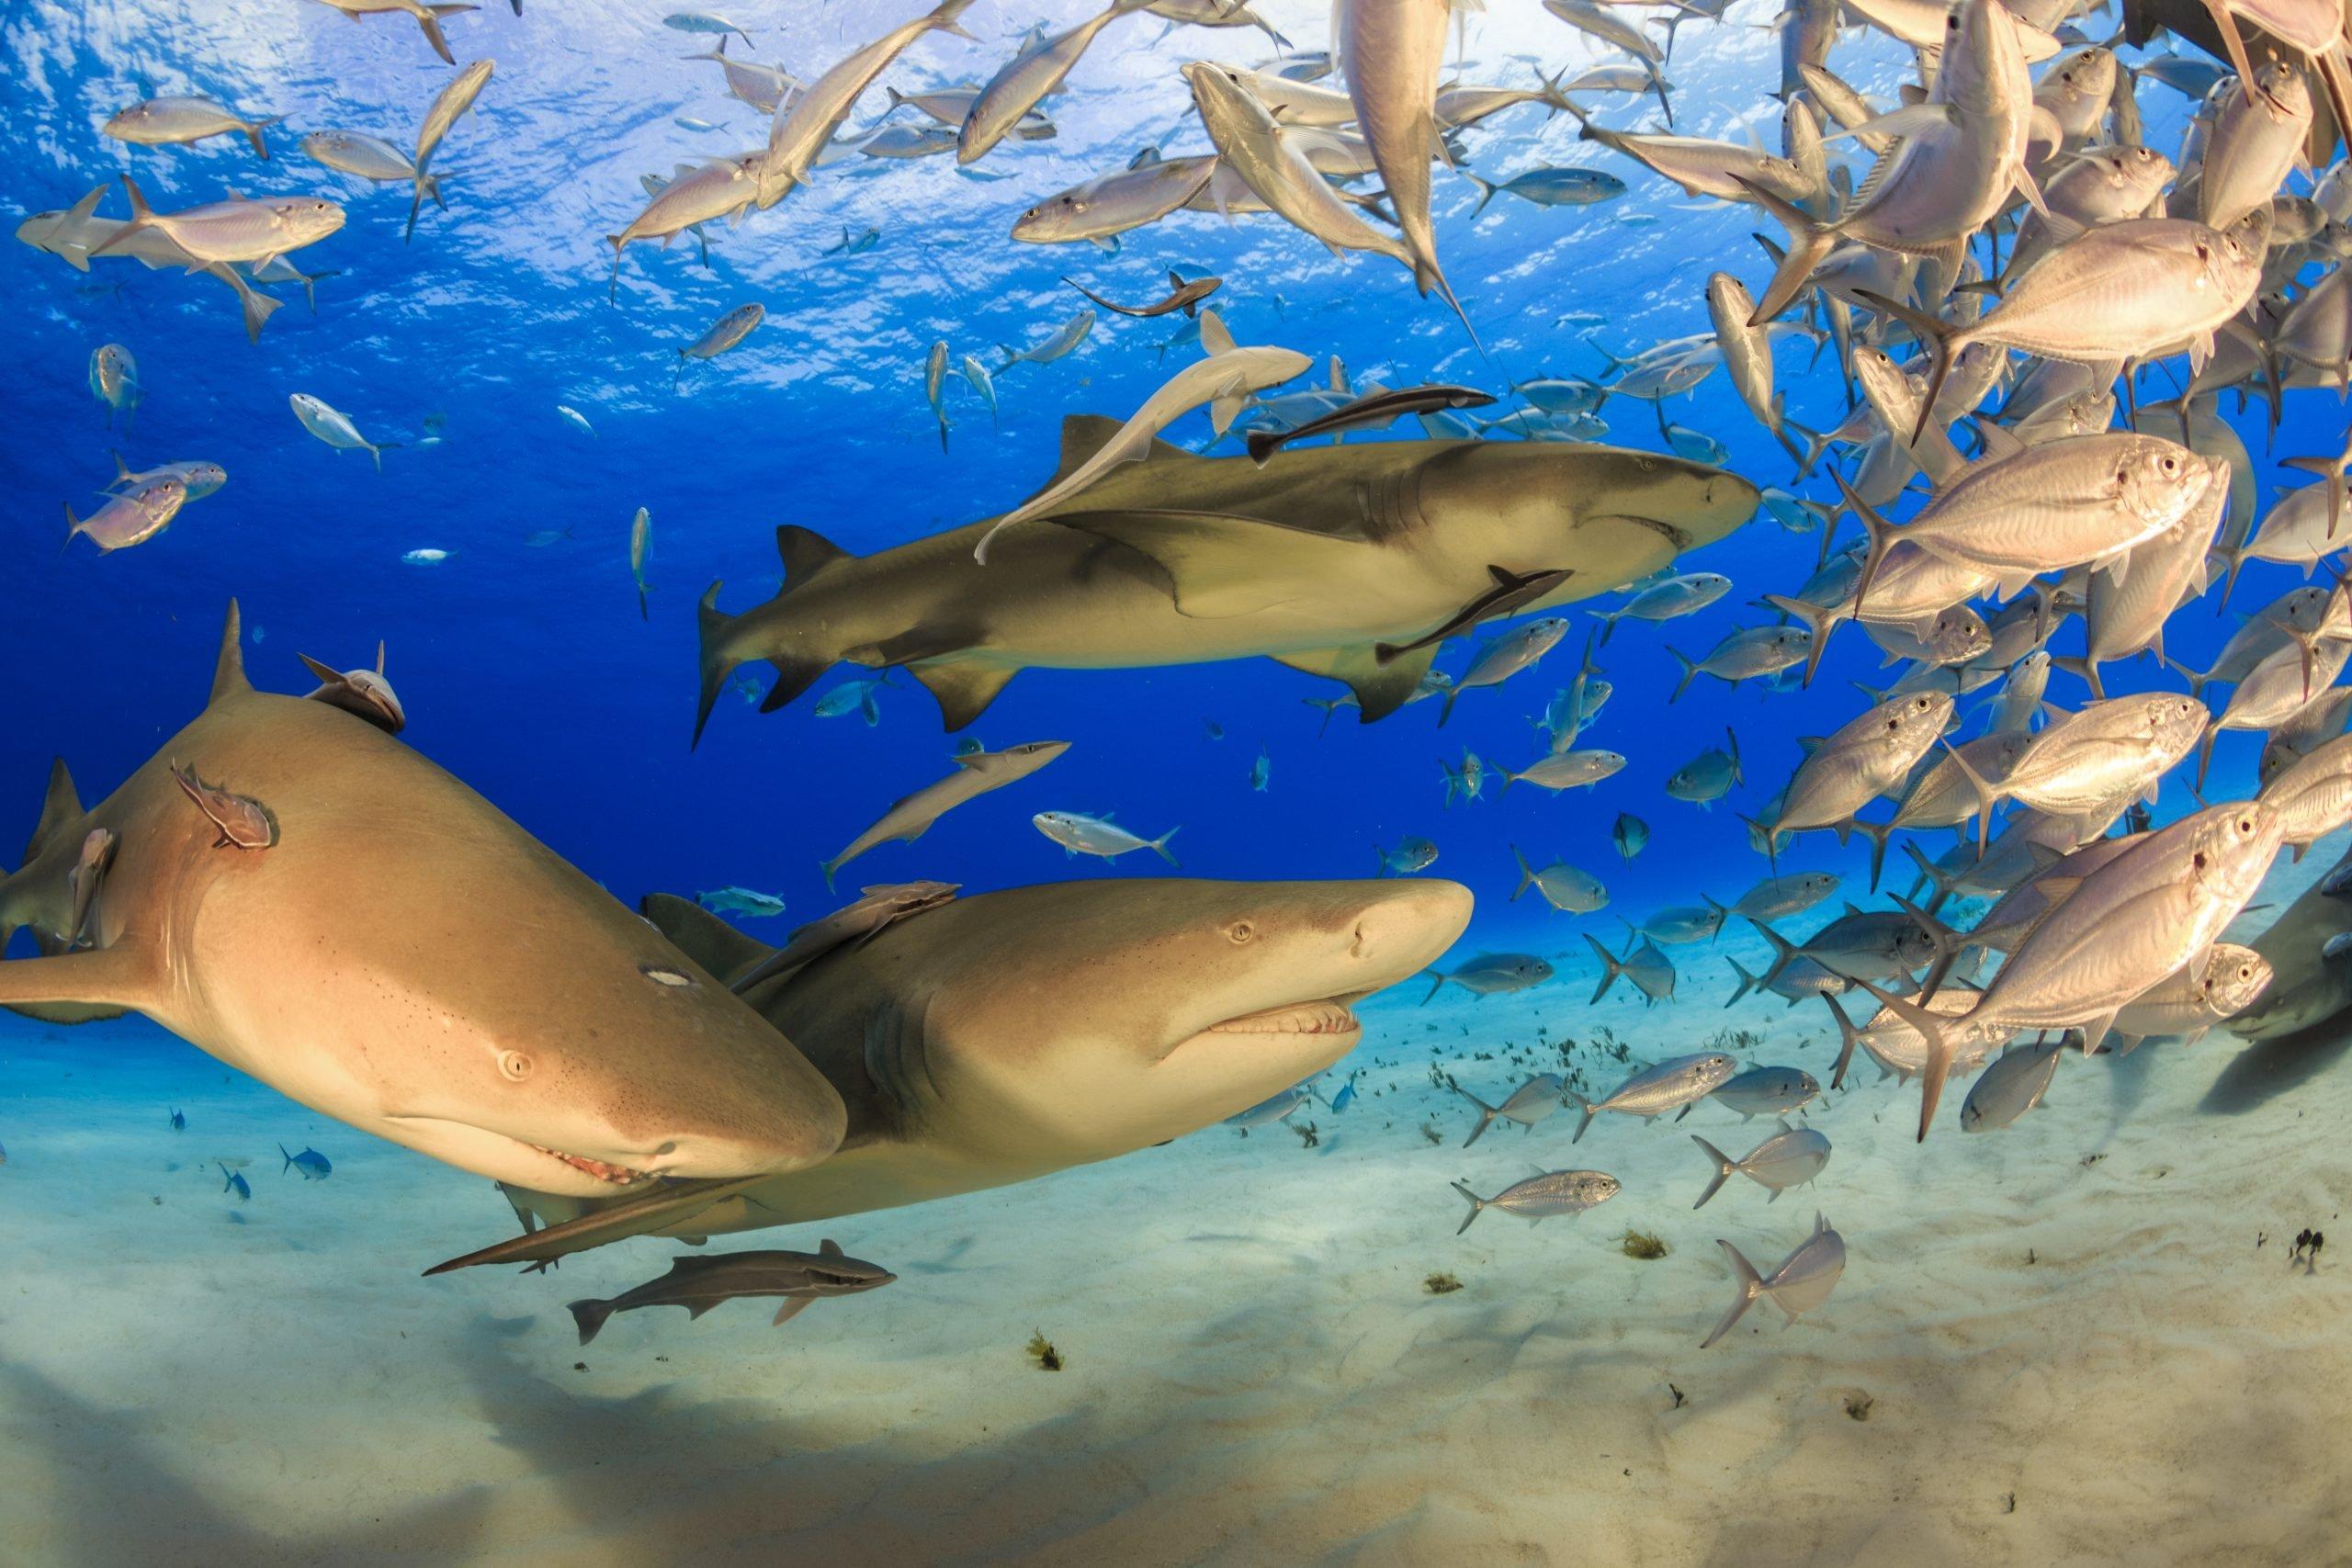 lemon sharks hunting in the wild